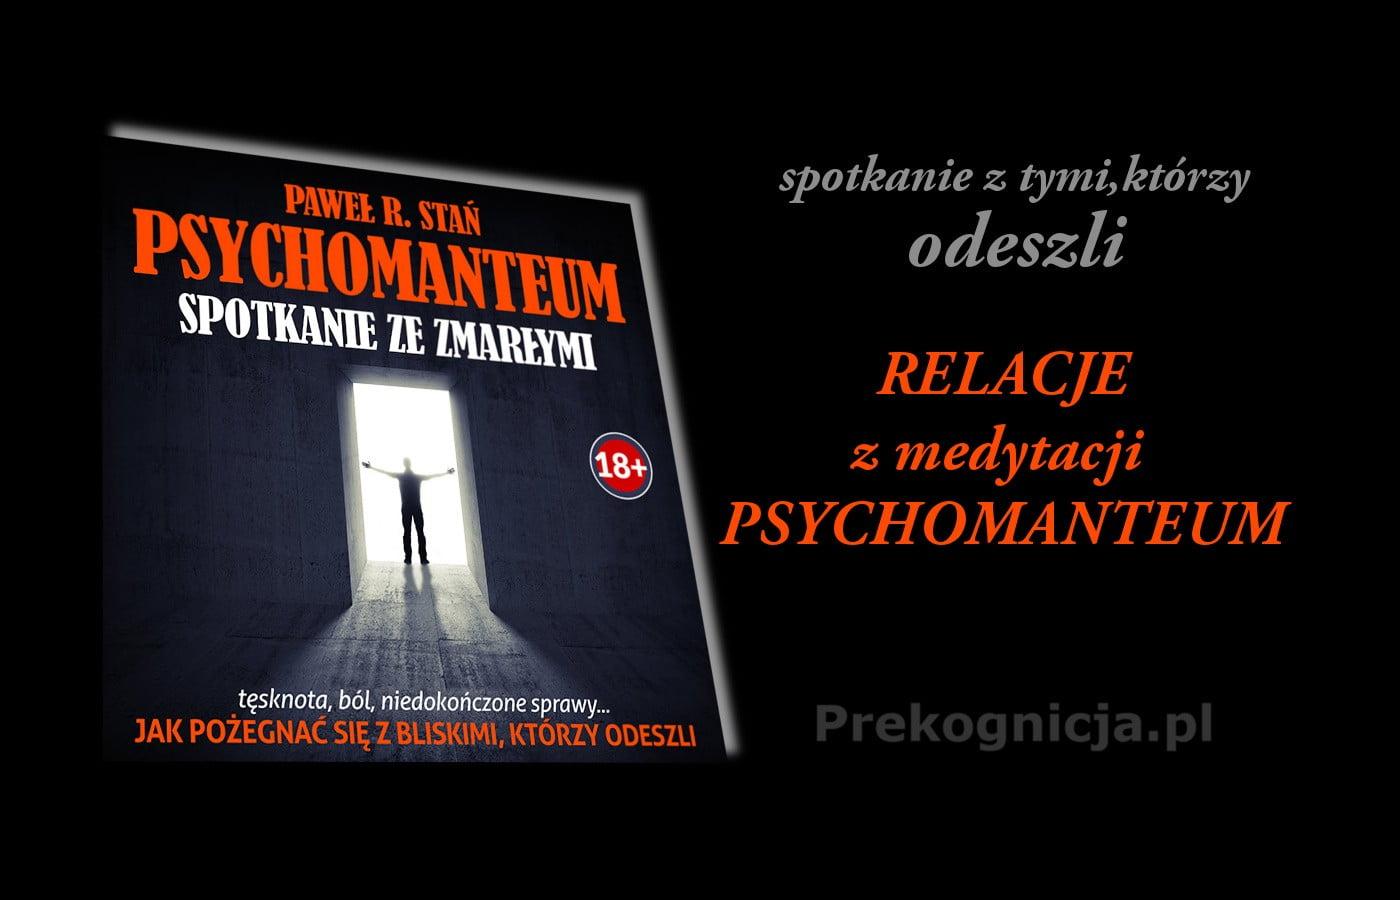 Spotkanie ze zmarłą osobą - relacje Psychomanteum